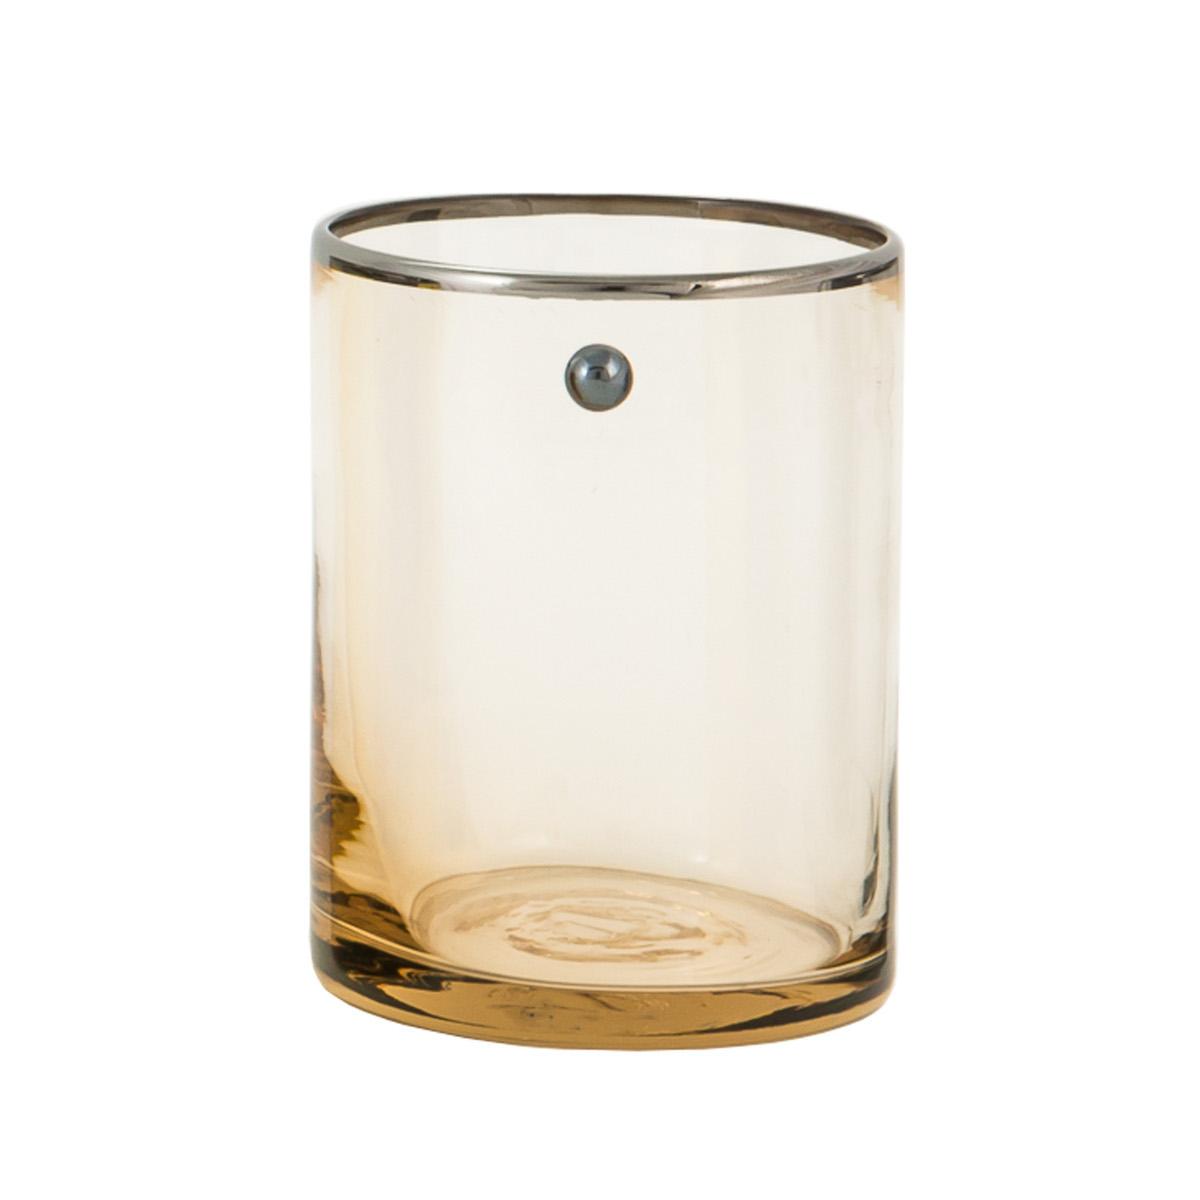 jai-glass-ambient-handmade-murano-design-venice